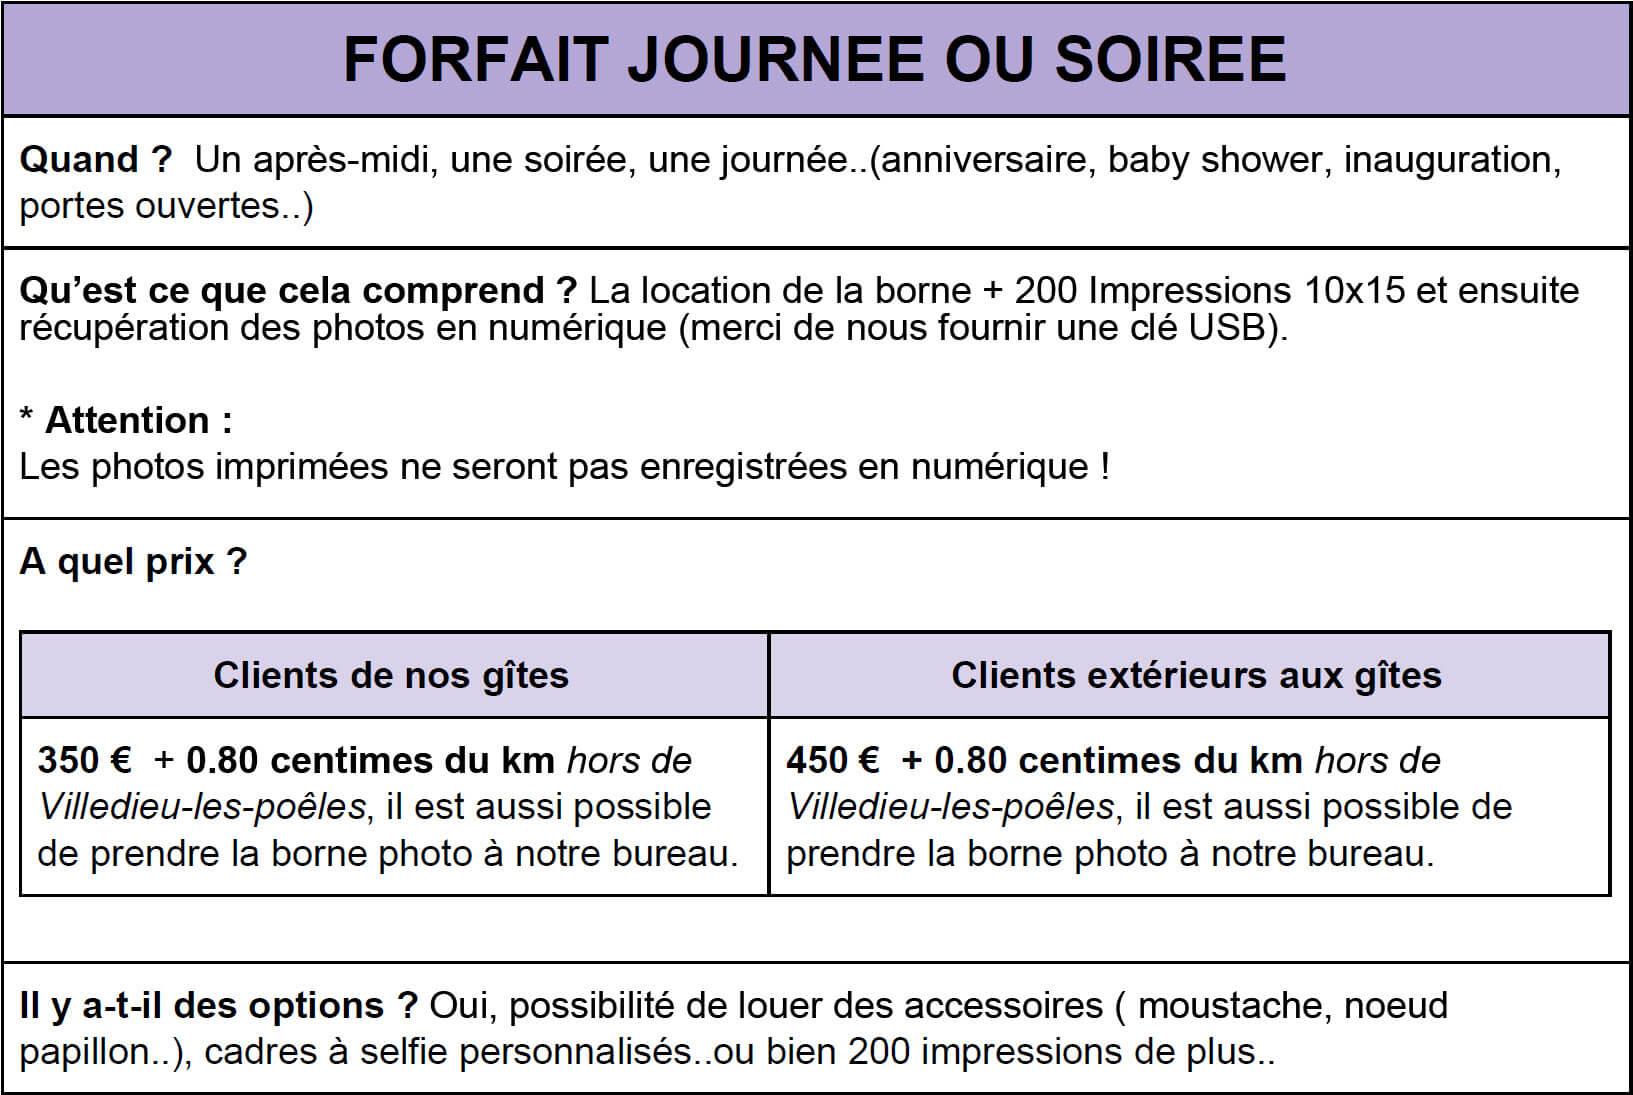 forfait journ%C3%A9e2 - Borne Photo Selfie - Location de Gite La Clef Decamp - Laclefdecamp.fr